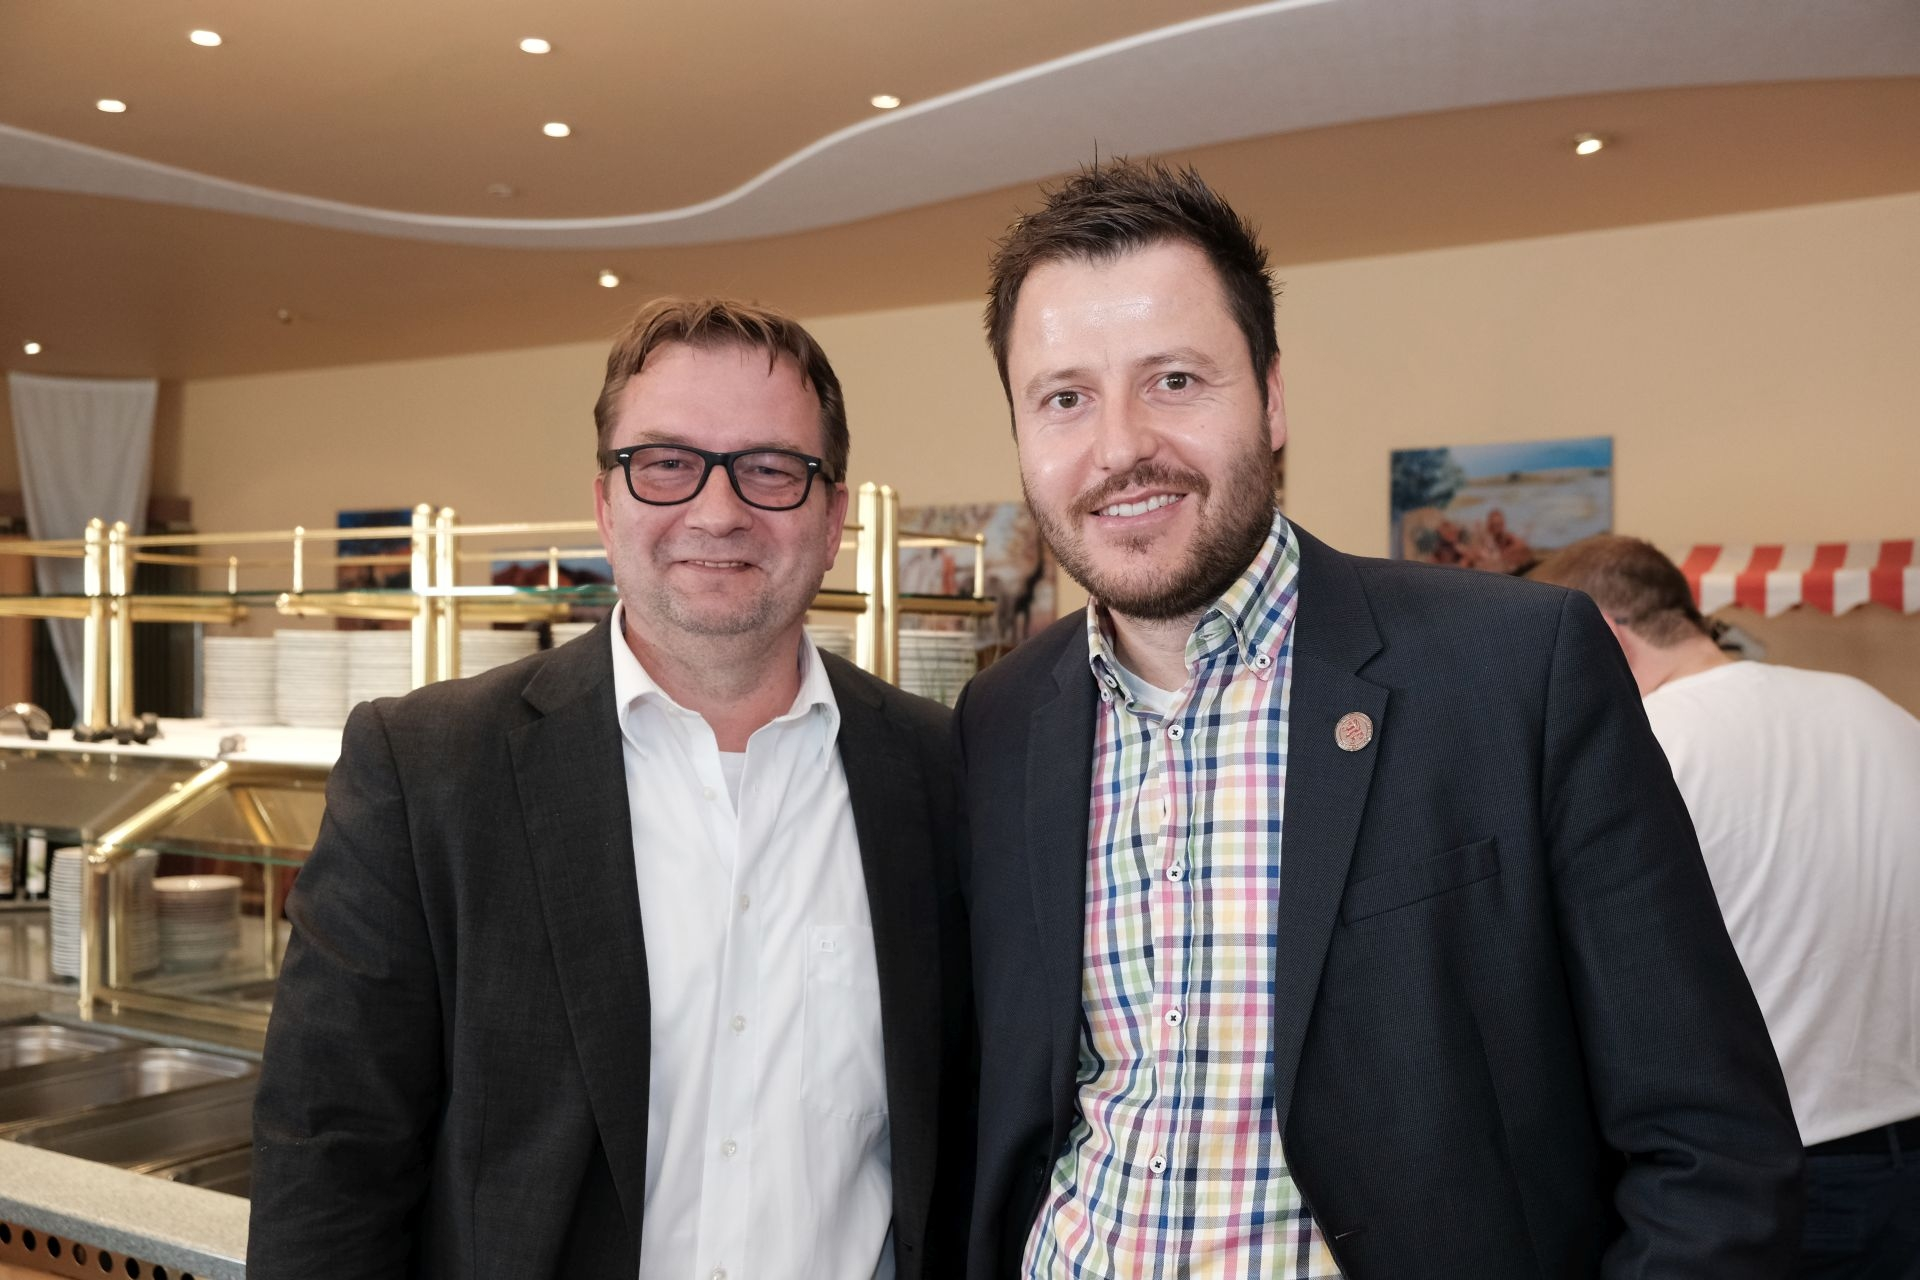 Thorsten Riewesell und Michael Krannich